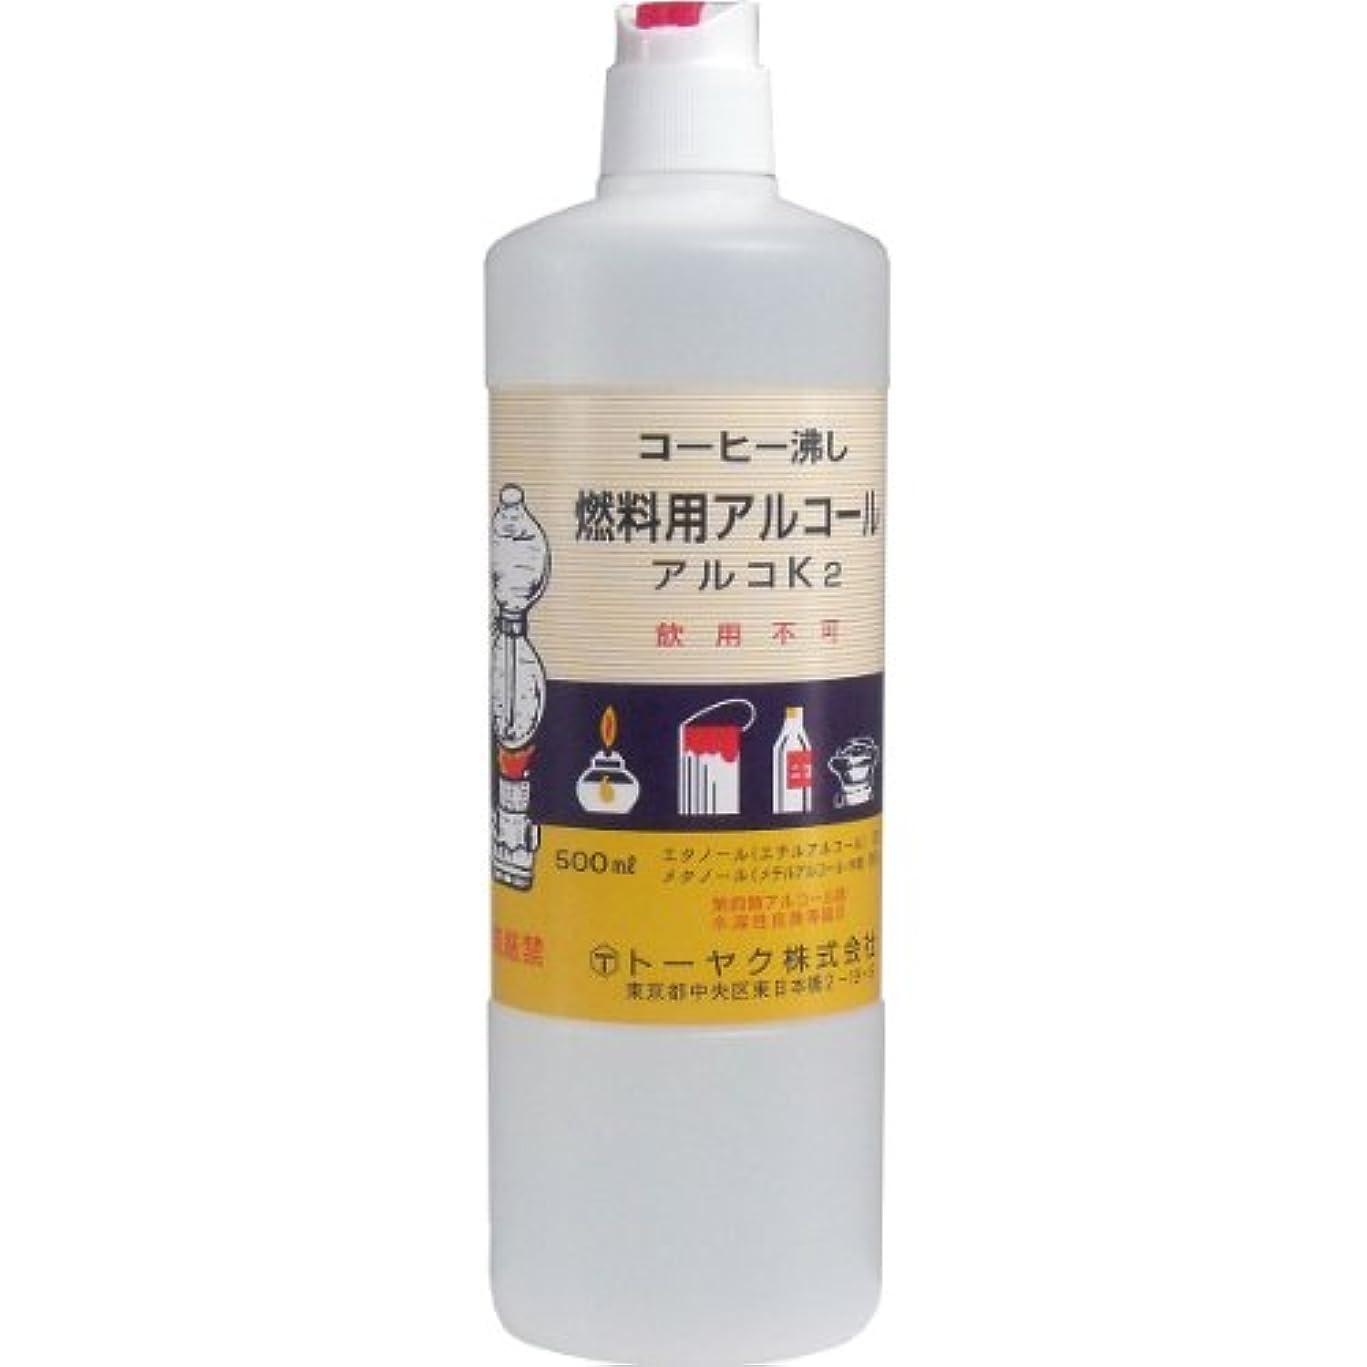 ずるい酸化するカロリー燃料用アルコール アルコK2 ×3個セット